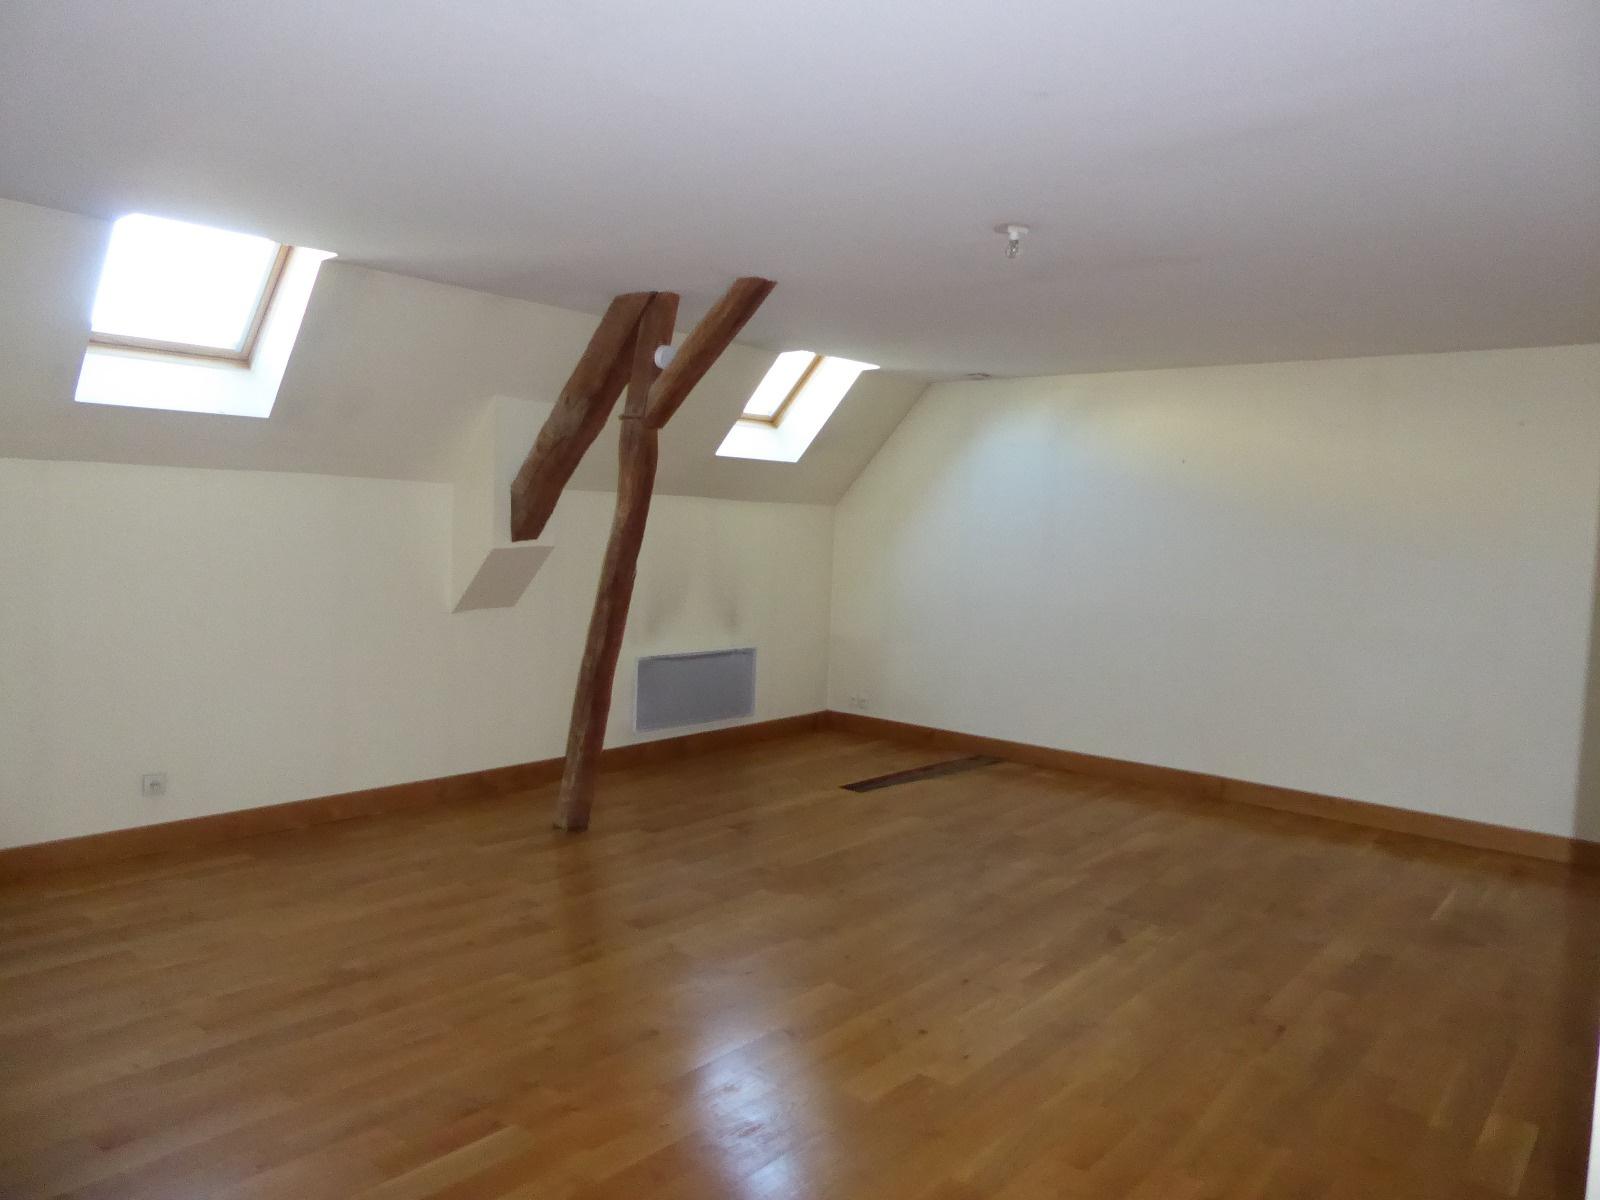 Pièce de 35 m², située à l'étage dans les combles aménag&eac